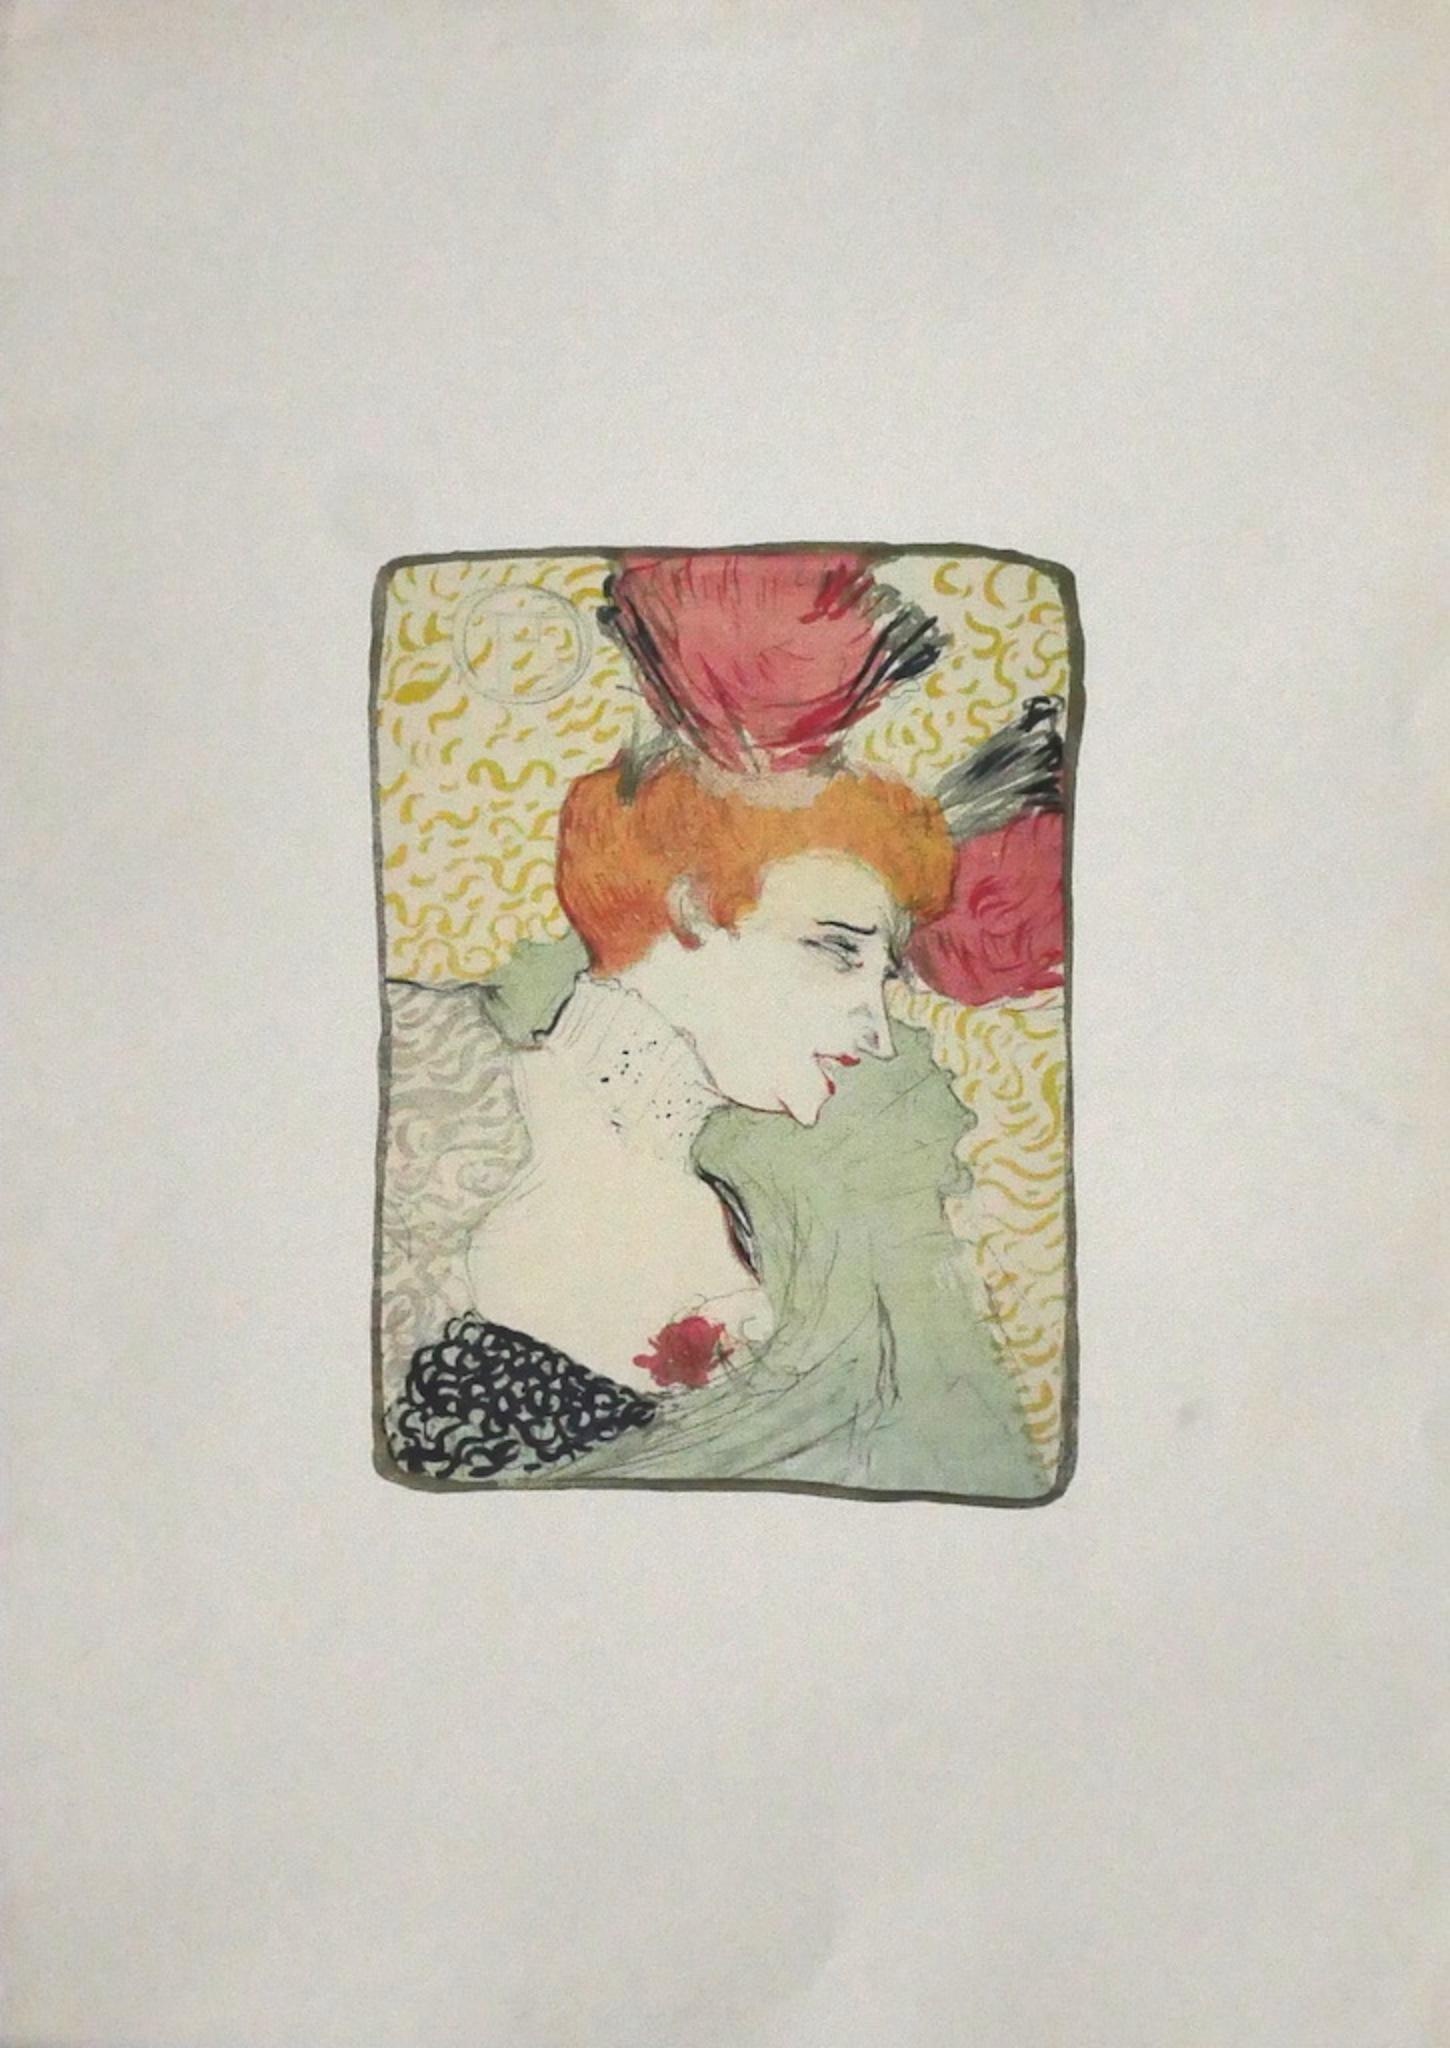 Woman - Original Offset After Henri de Toulouse-Lautrec - 1970s